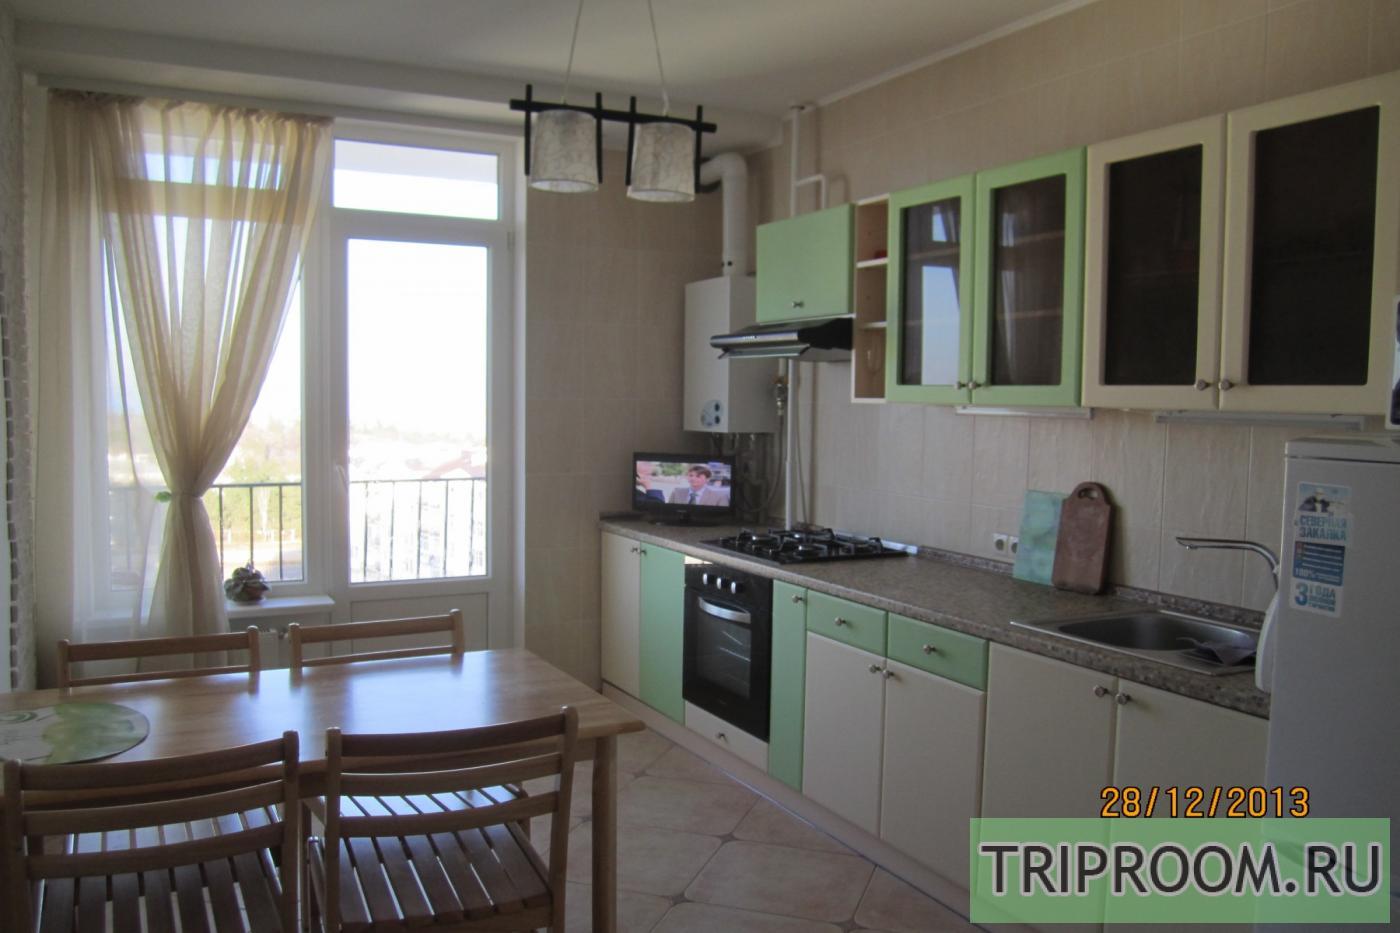 2-комнатная квартира посуточно (вариант № 23105), ул. Челнокова, фото № 10